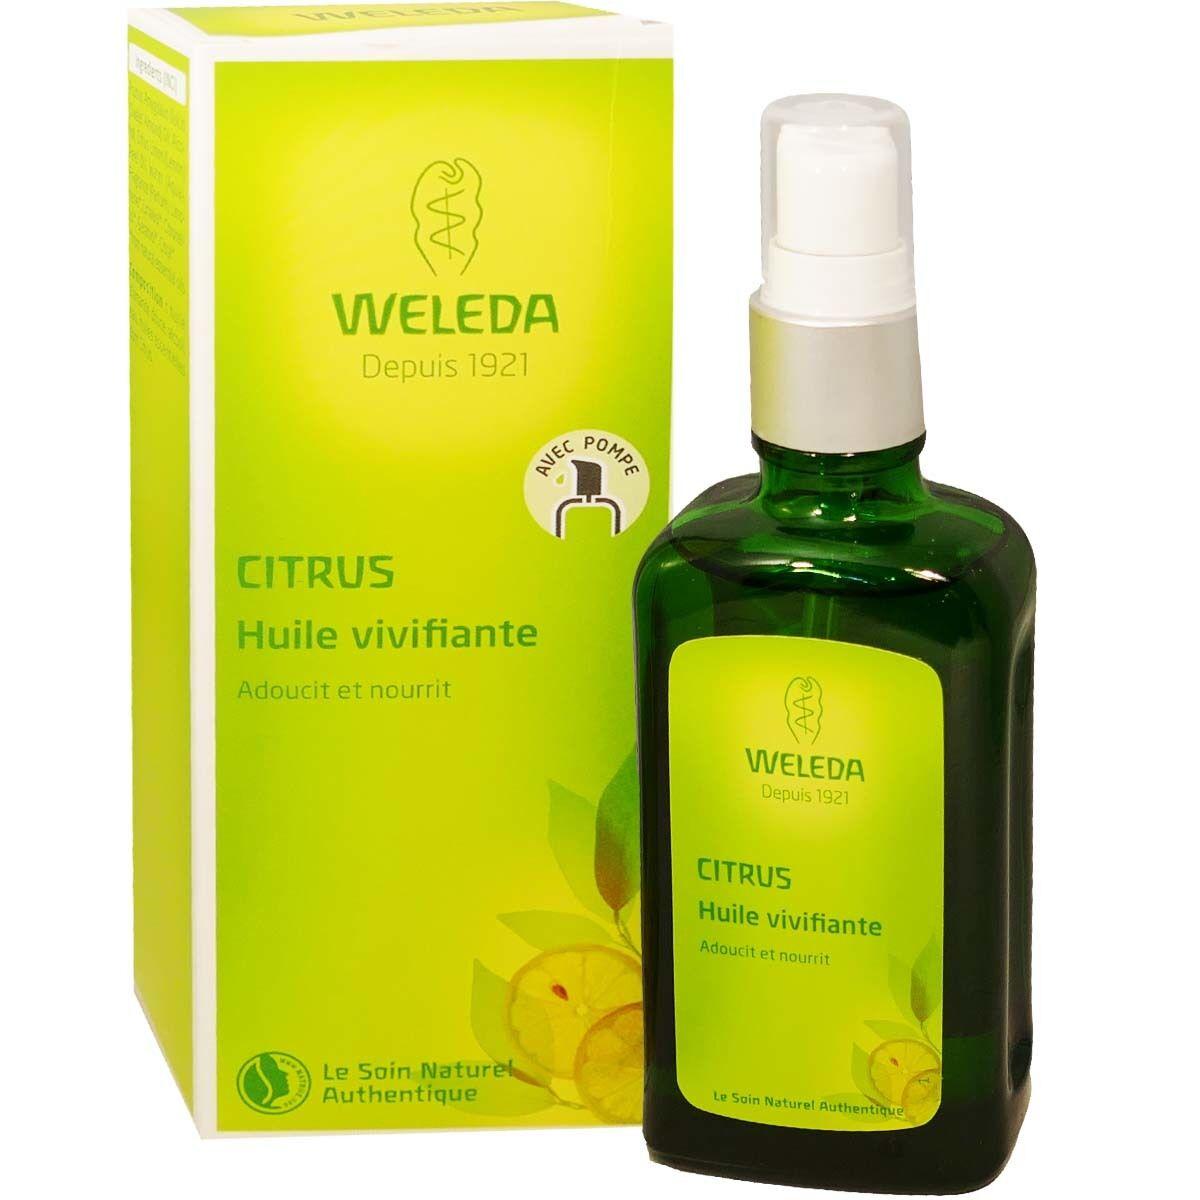 Weleda citrus huile vivifiante 100 ml